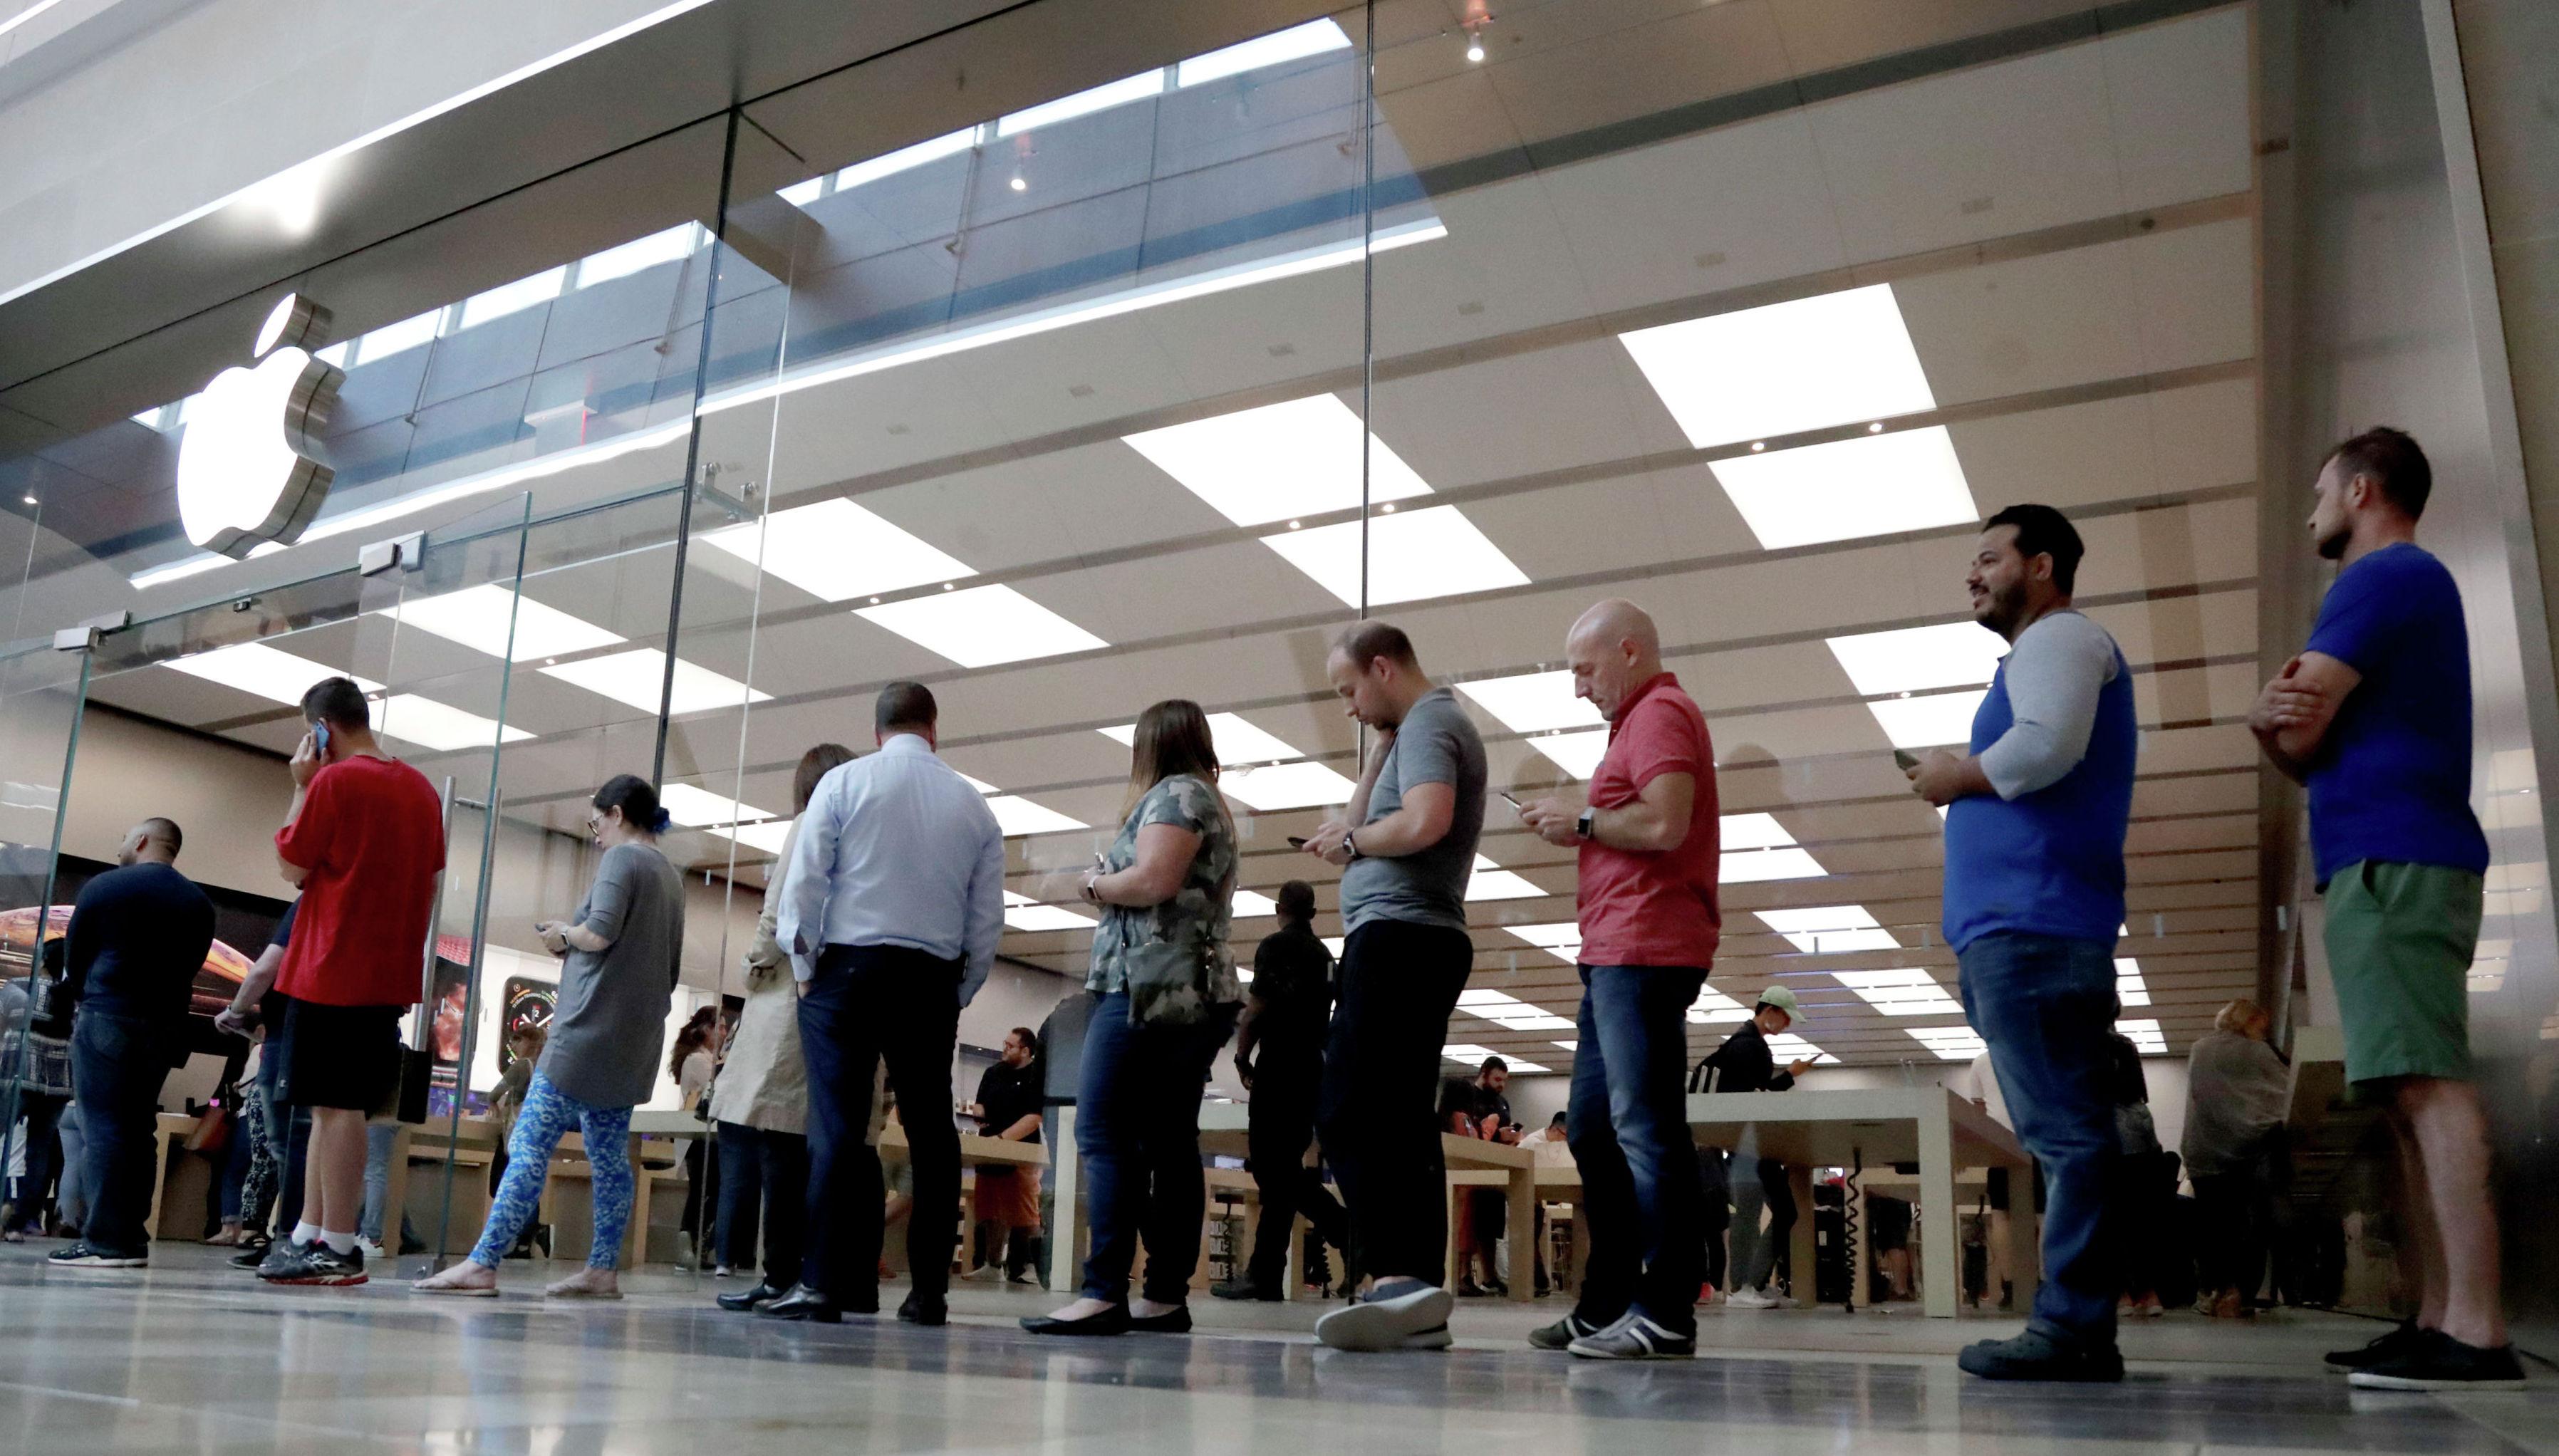 Покупатели ждут своей очереди за пределами Apple Store на Garden State Plaza в день выхода нового iPhone XS и iPhone XS Max, 2018